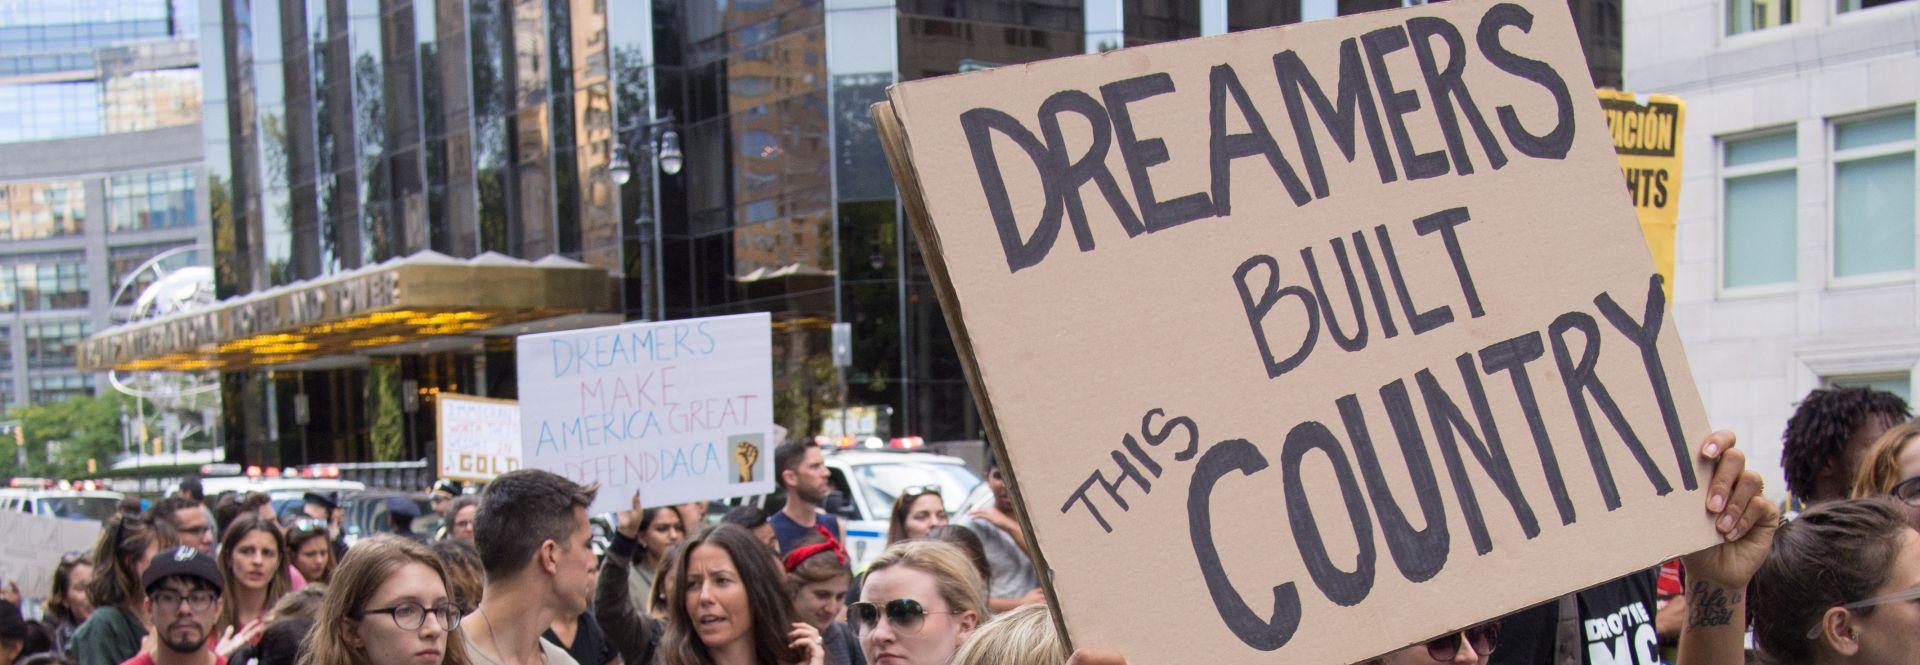 protestas contra la eliminación del DACA en Nueva York, el pasado 9 de septiembre de 2017. Foto: Wikimedia